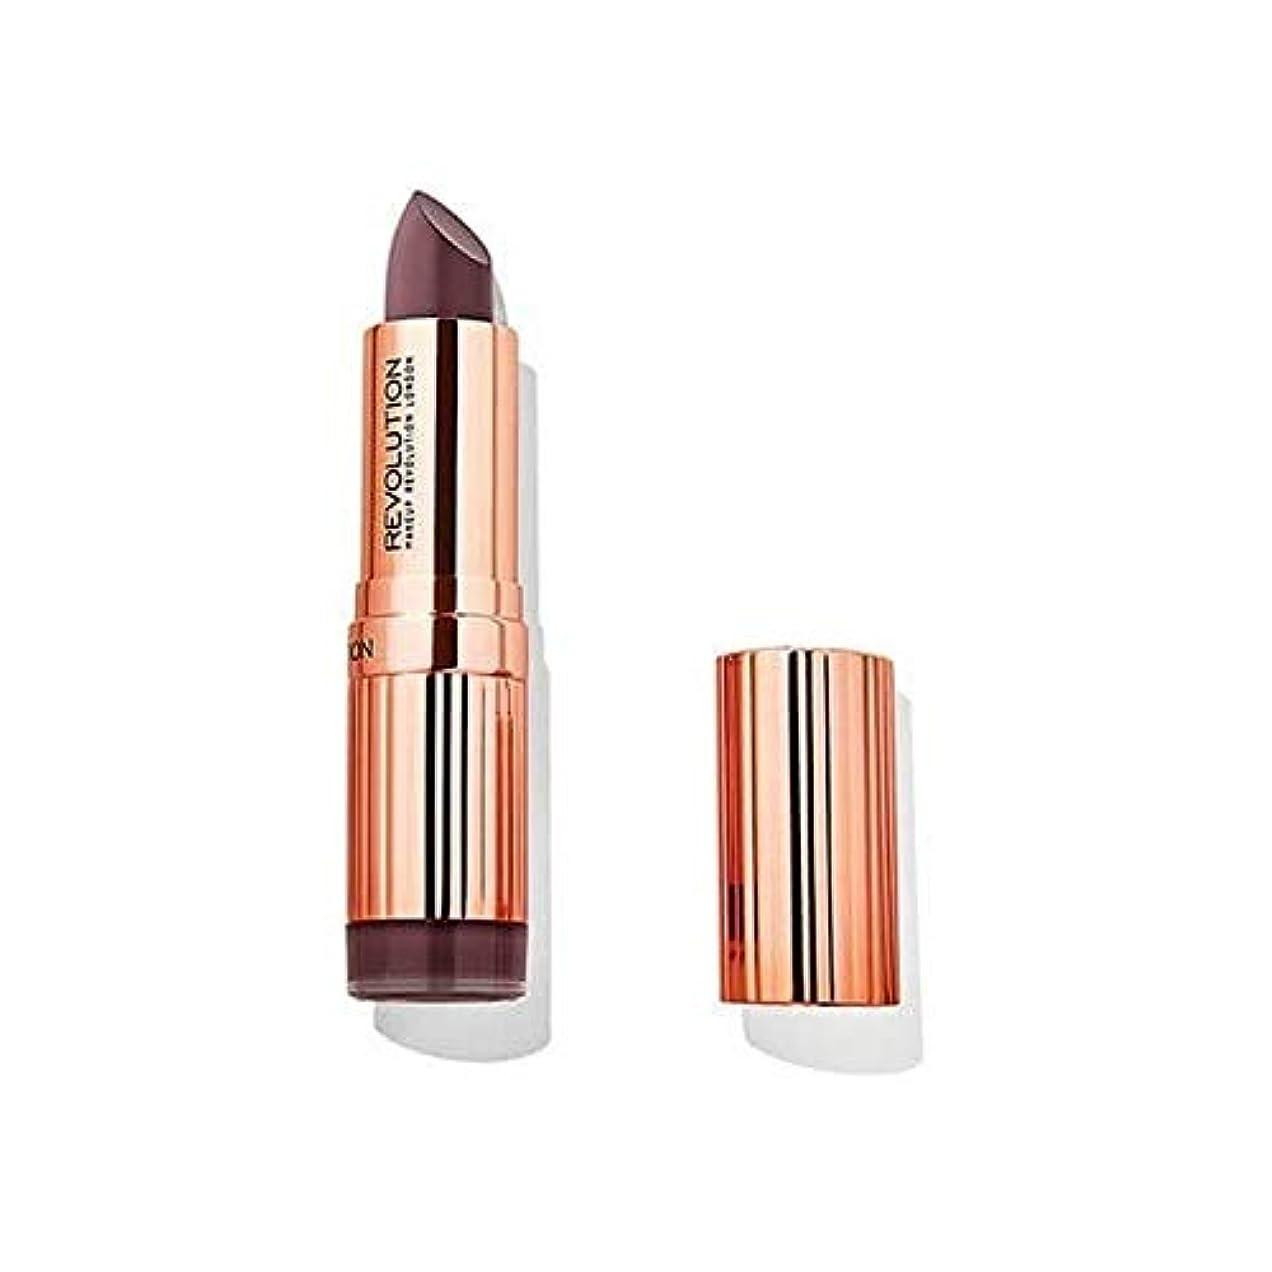 それからフレッシュ食い違い[Revolution ] 革命ルネサンス口紅買収 - Revolution Renaissance Lipstick Takeover [並行輸入品]